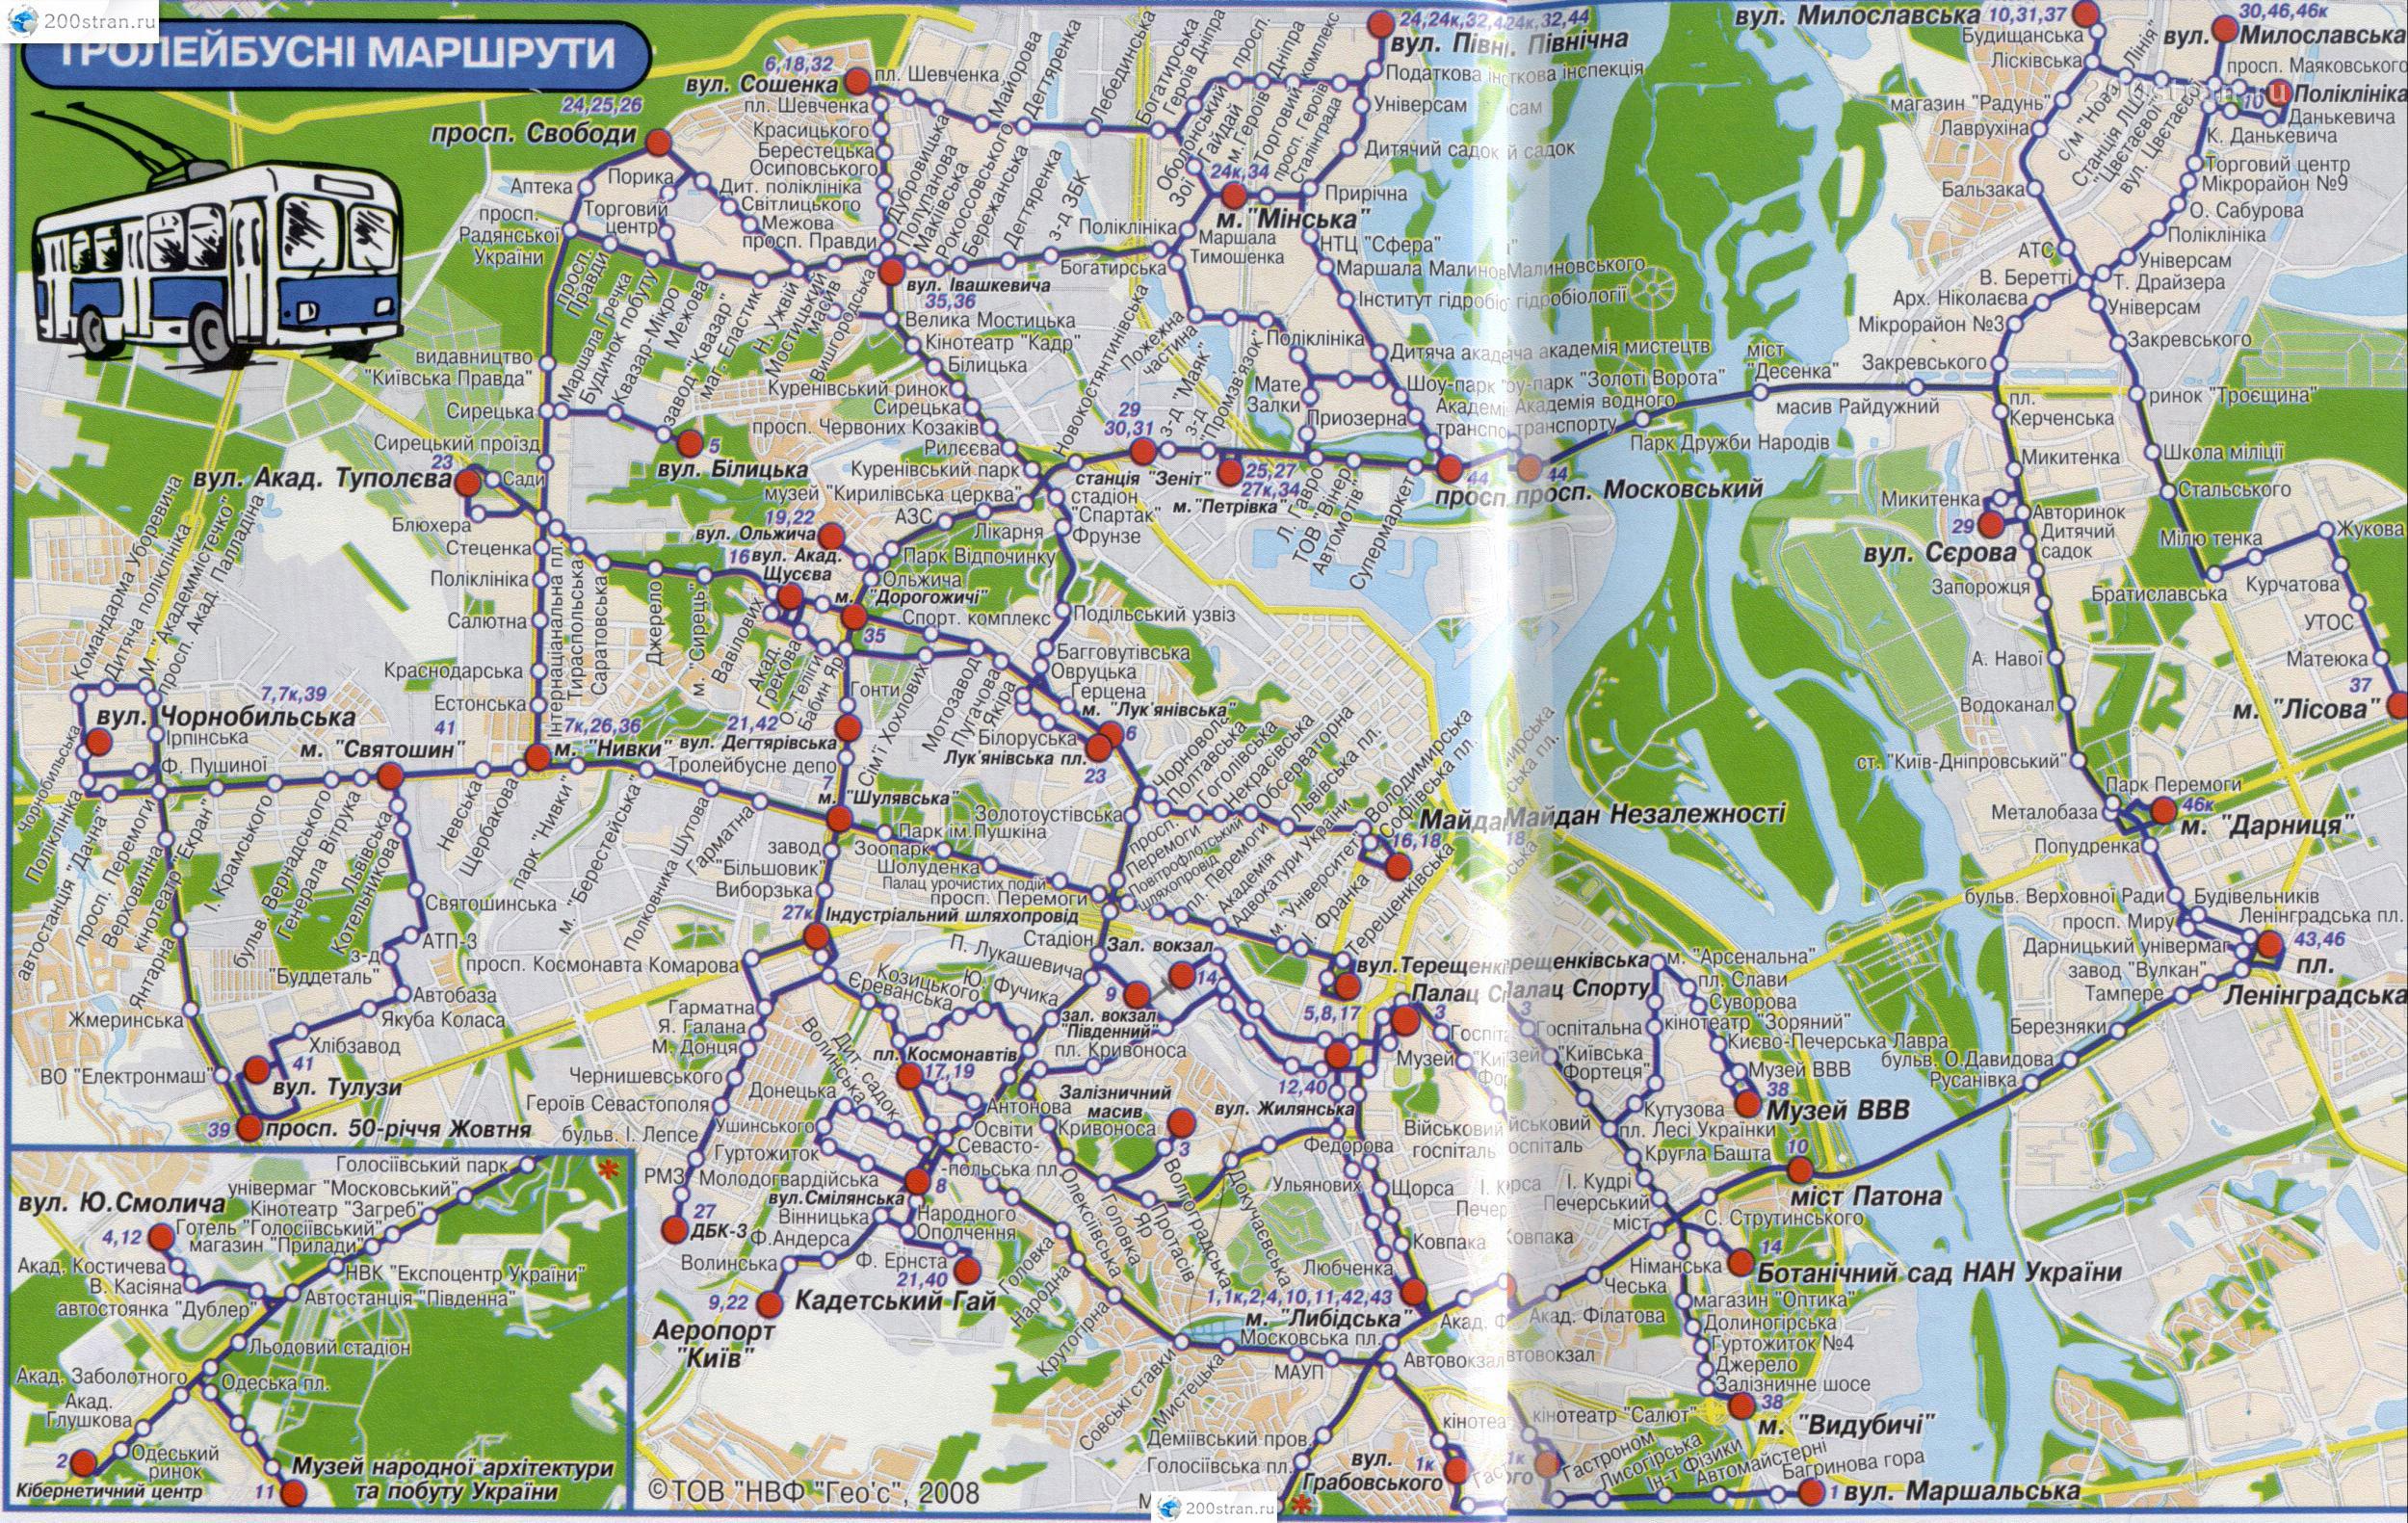 Карта схема маршрутов и остановок троллейбуса Киева.